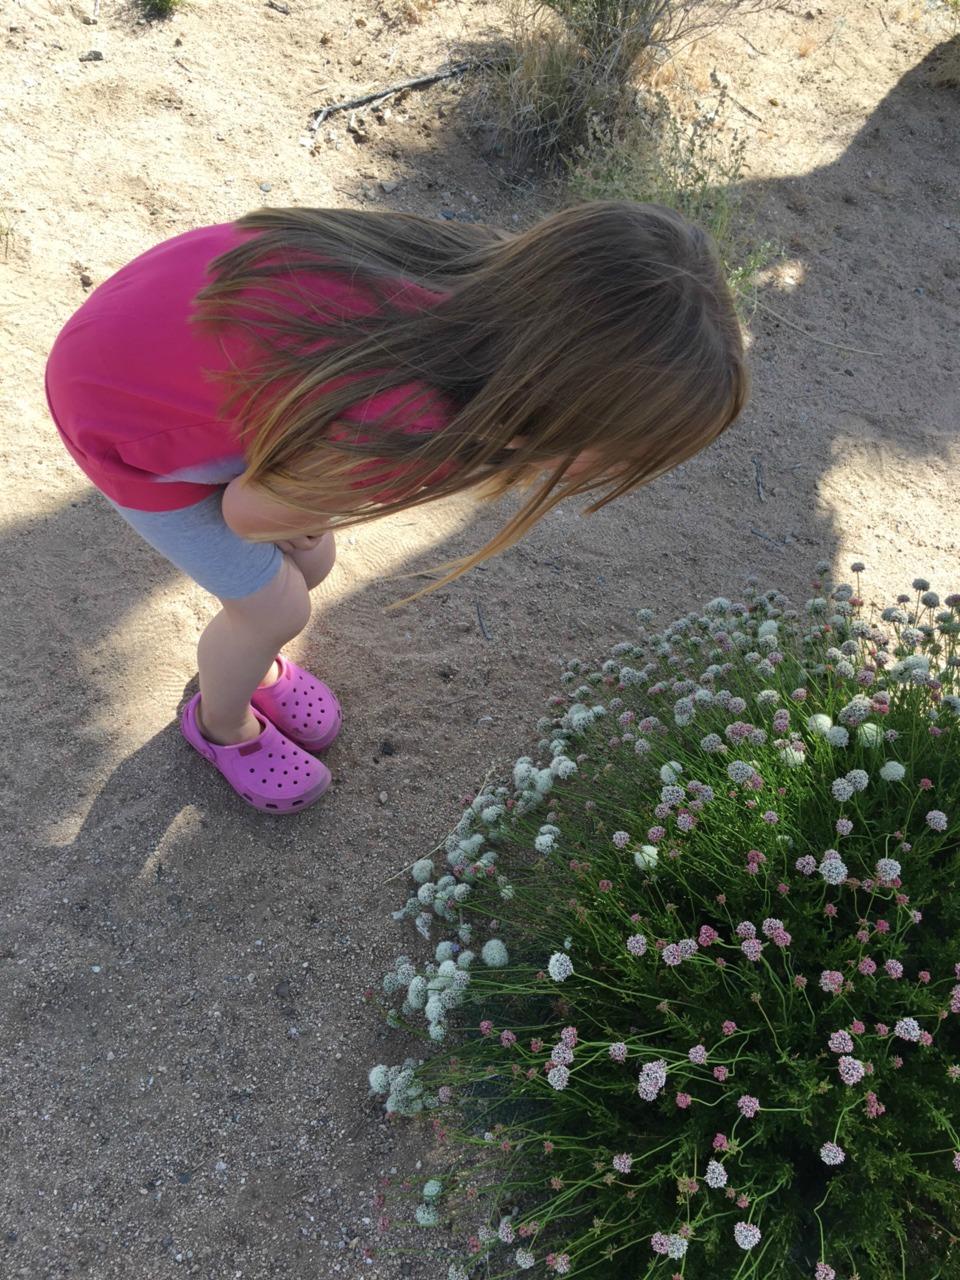 Toukokuussa vielä löytyi joitakin aavikkokukkia.